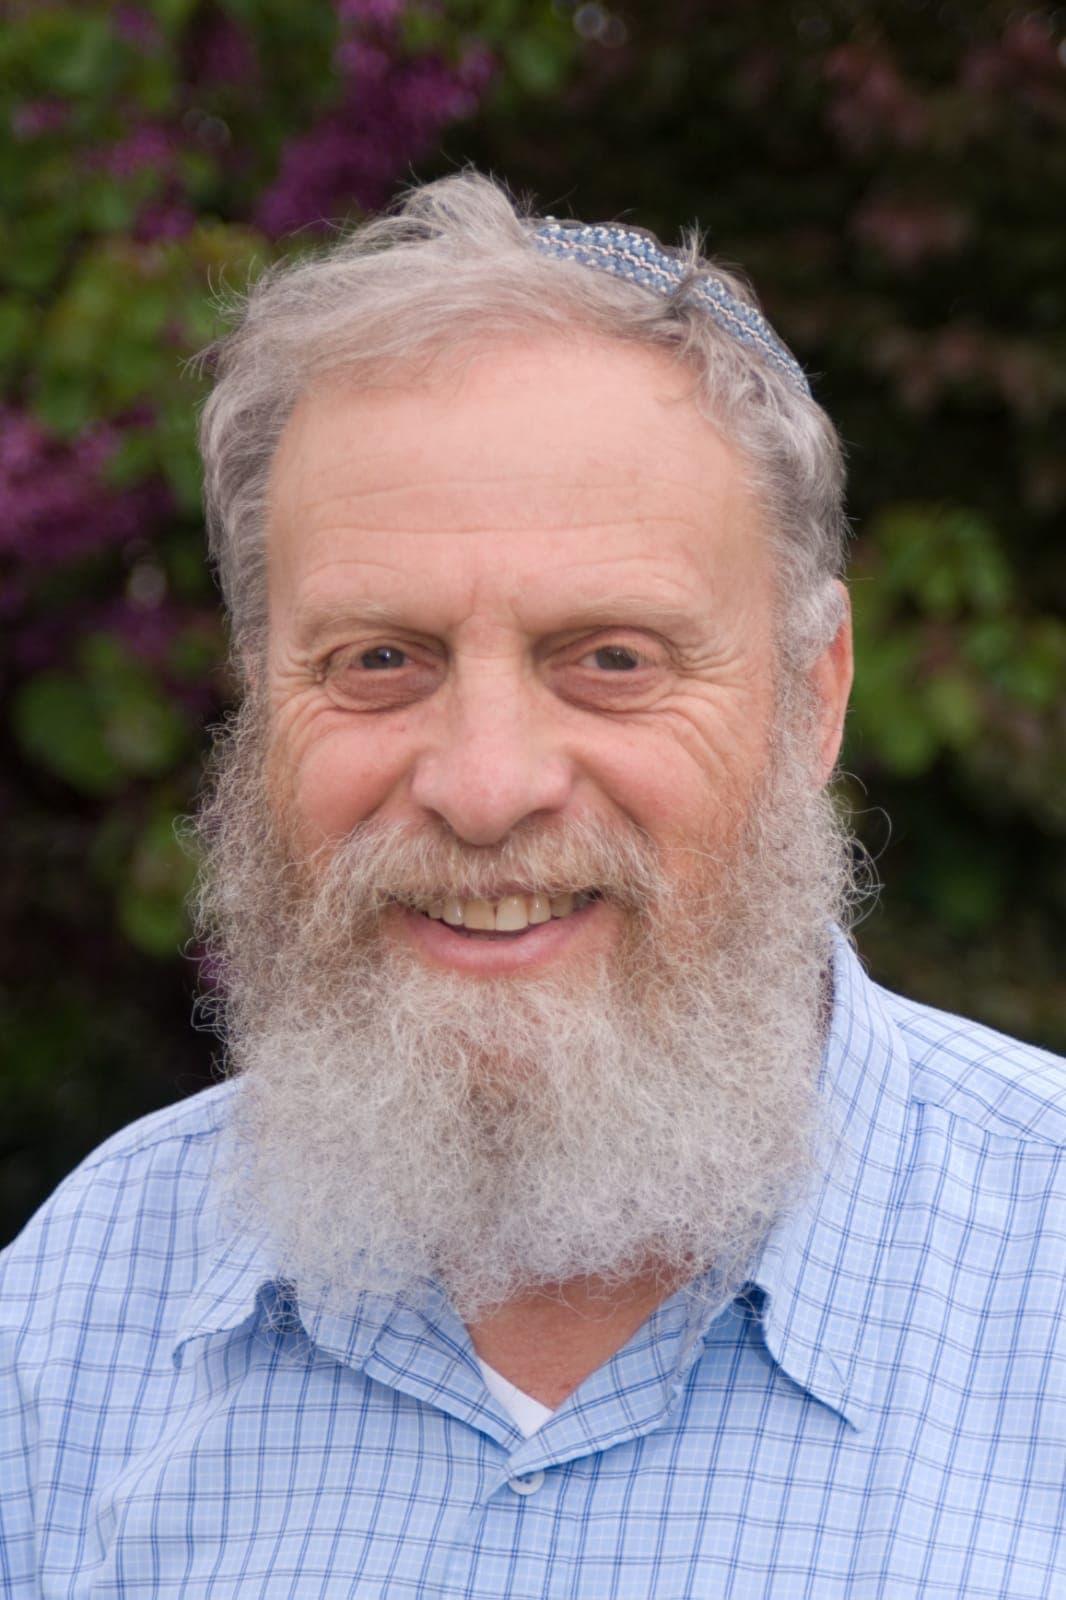 הרב יואל בן-נון (צילום: ישיבת הר עציון)